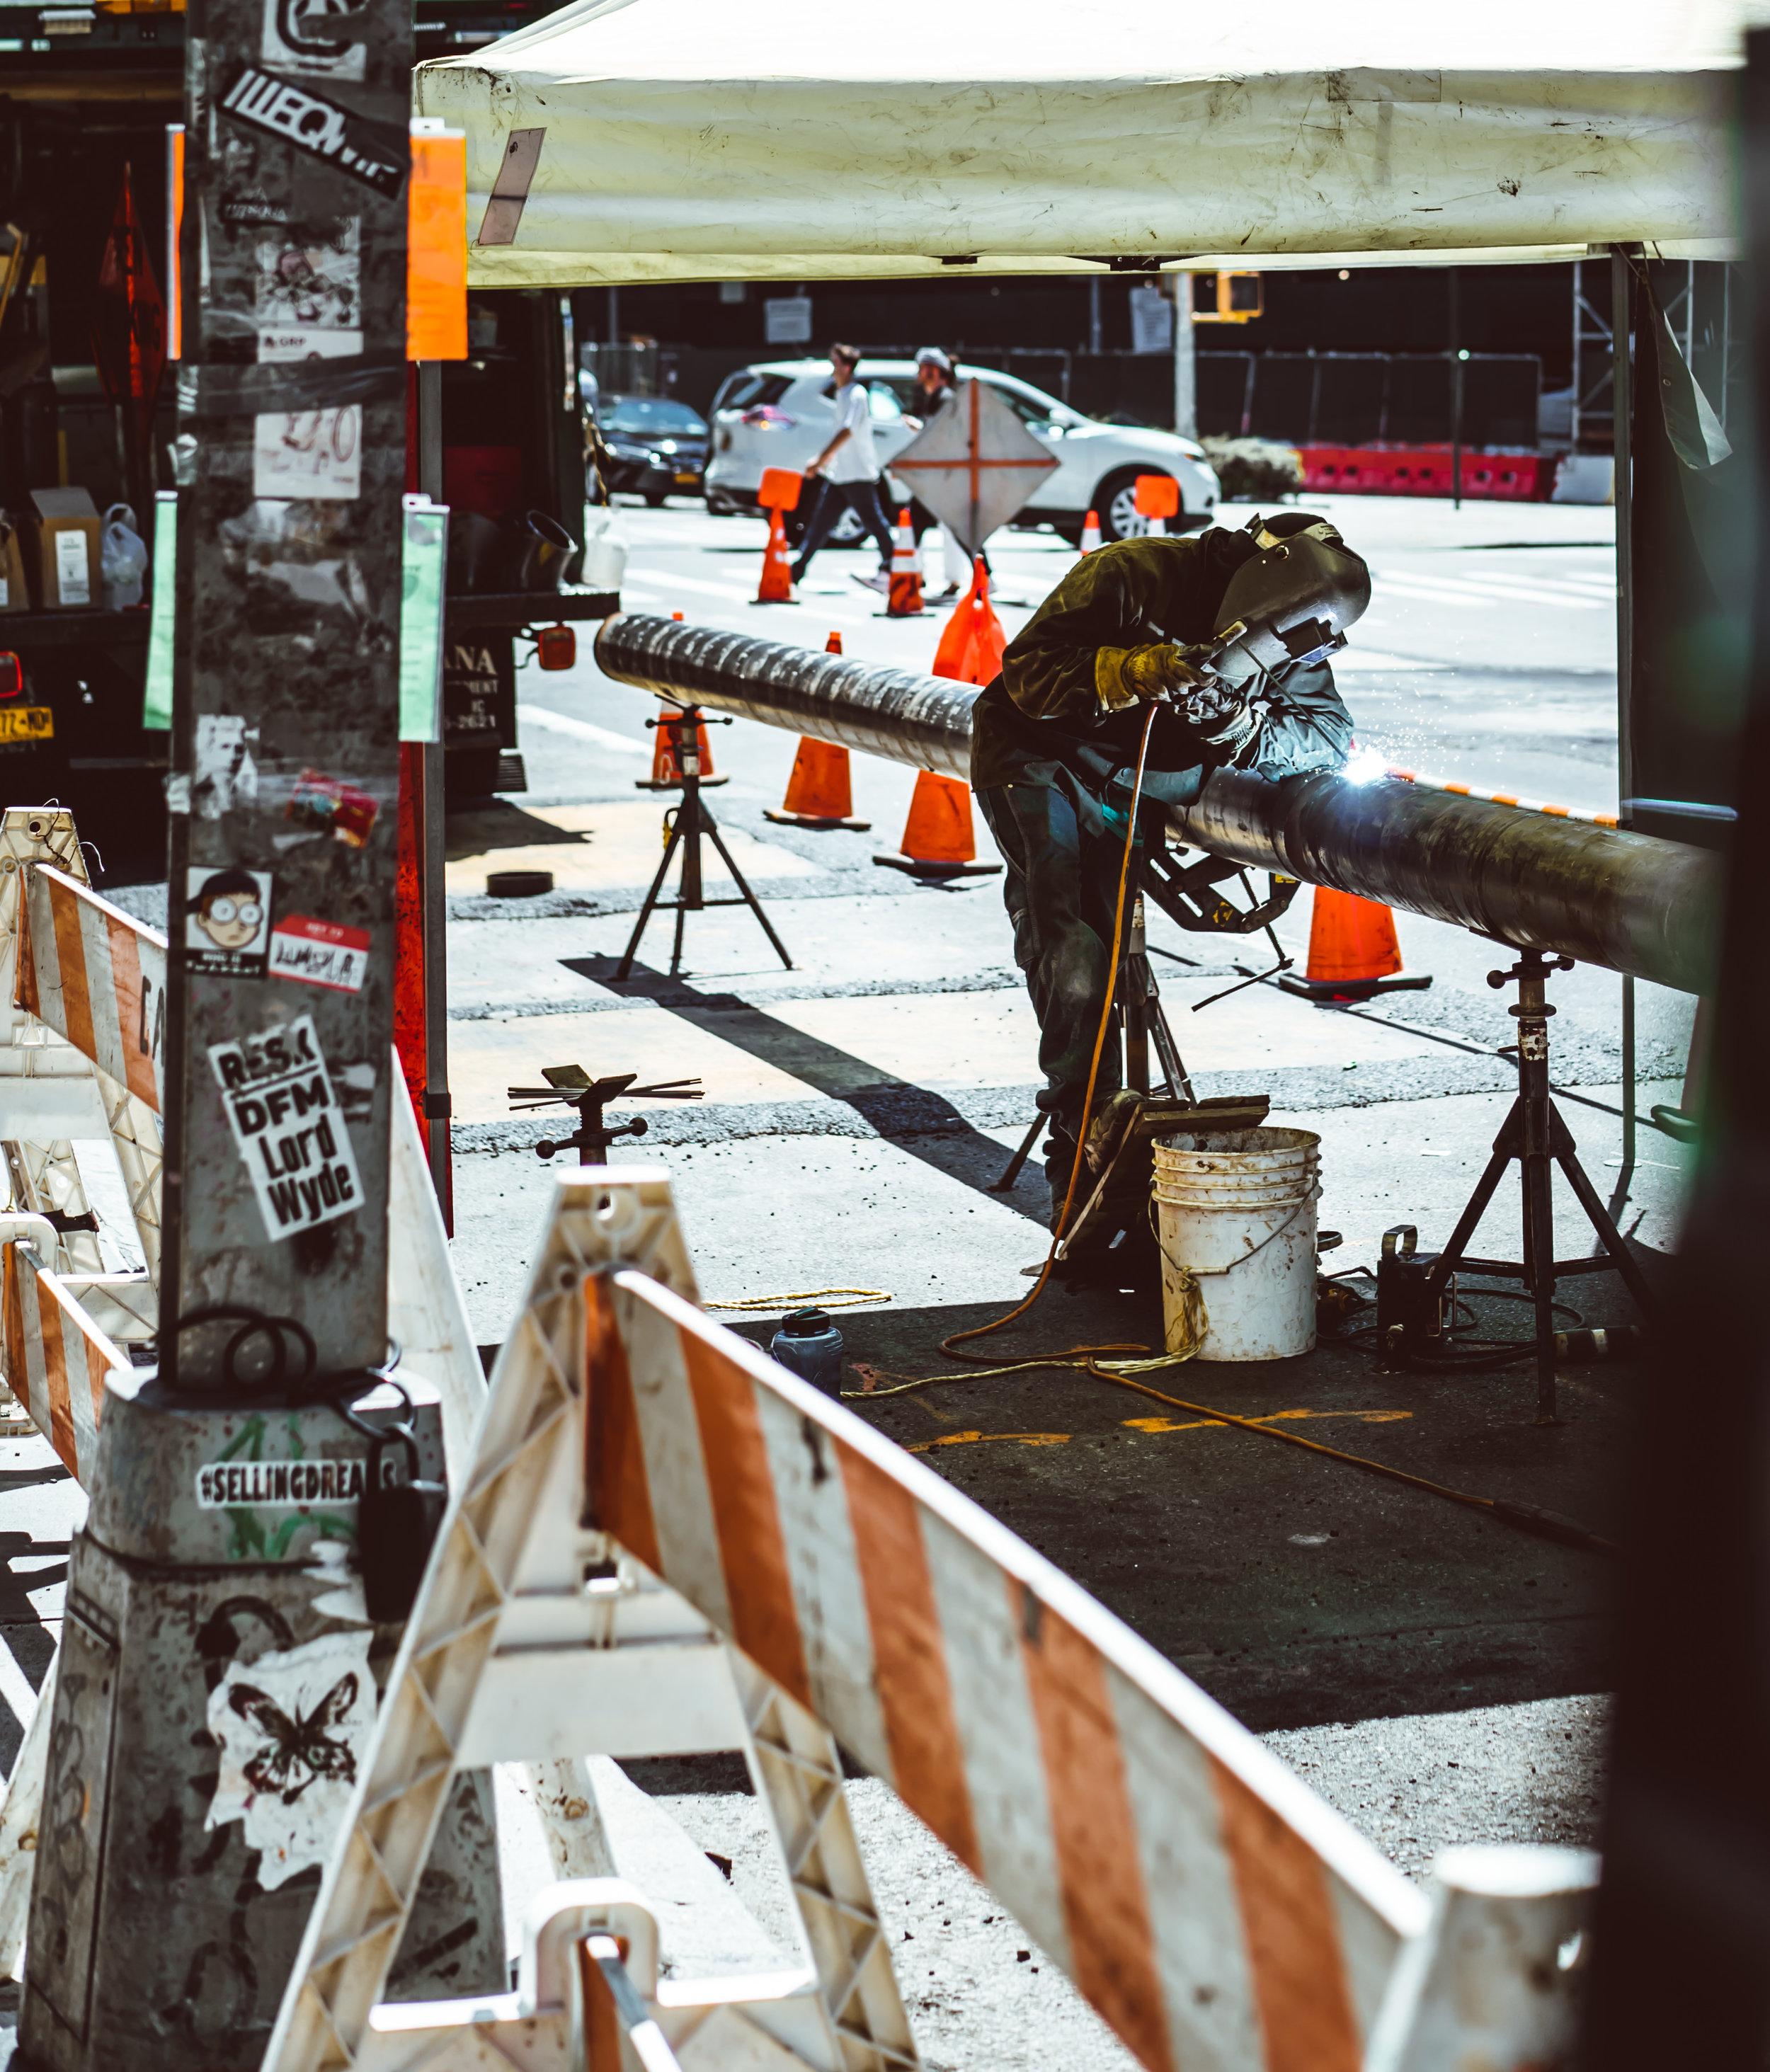 Pipeline v2 (1 of 1).jpg